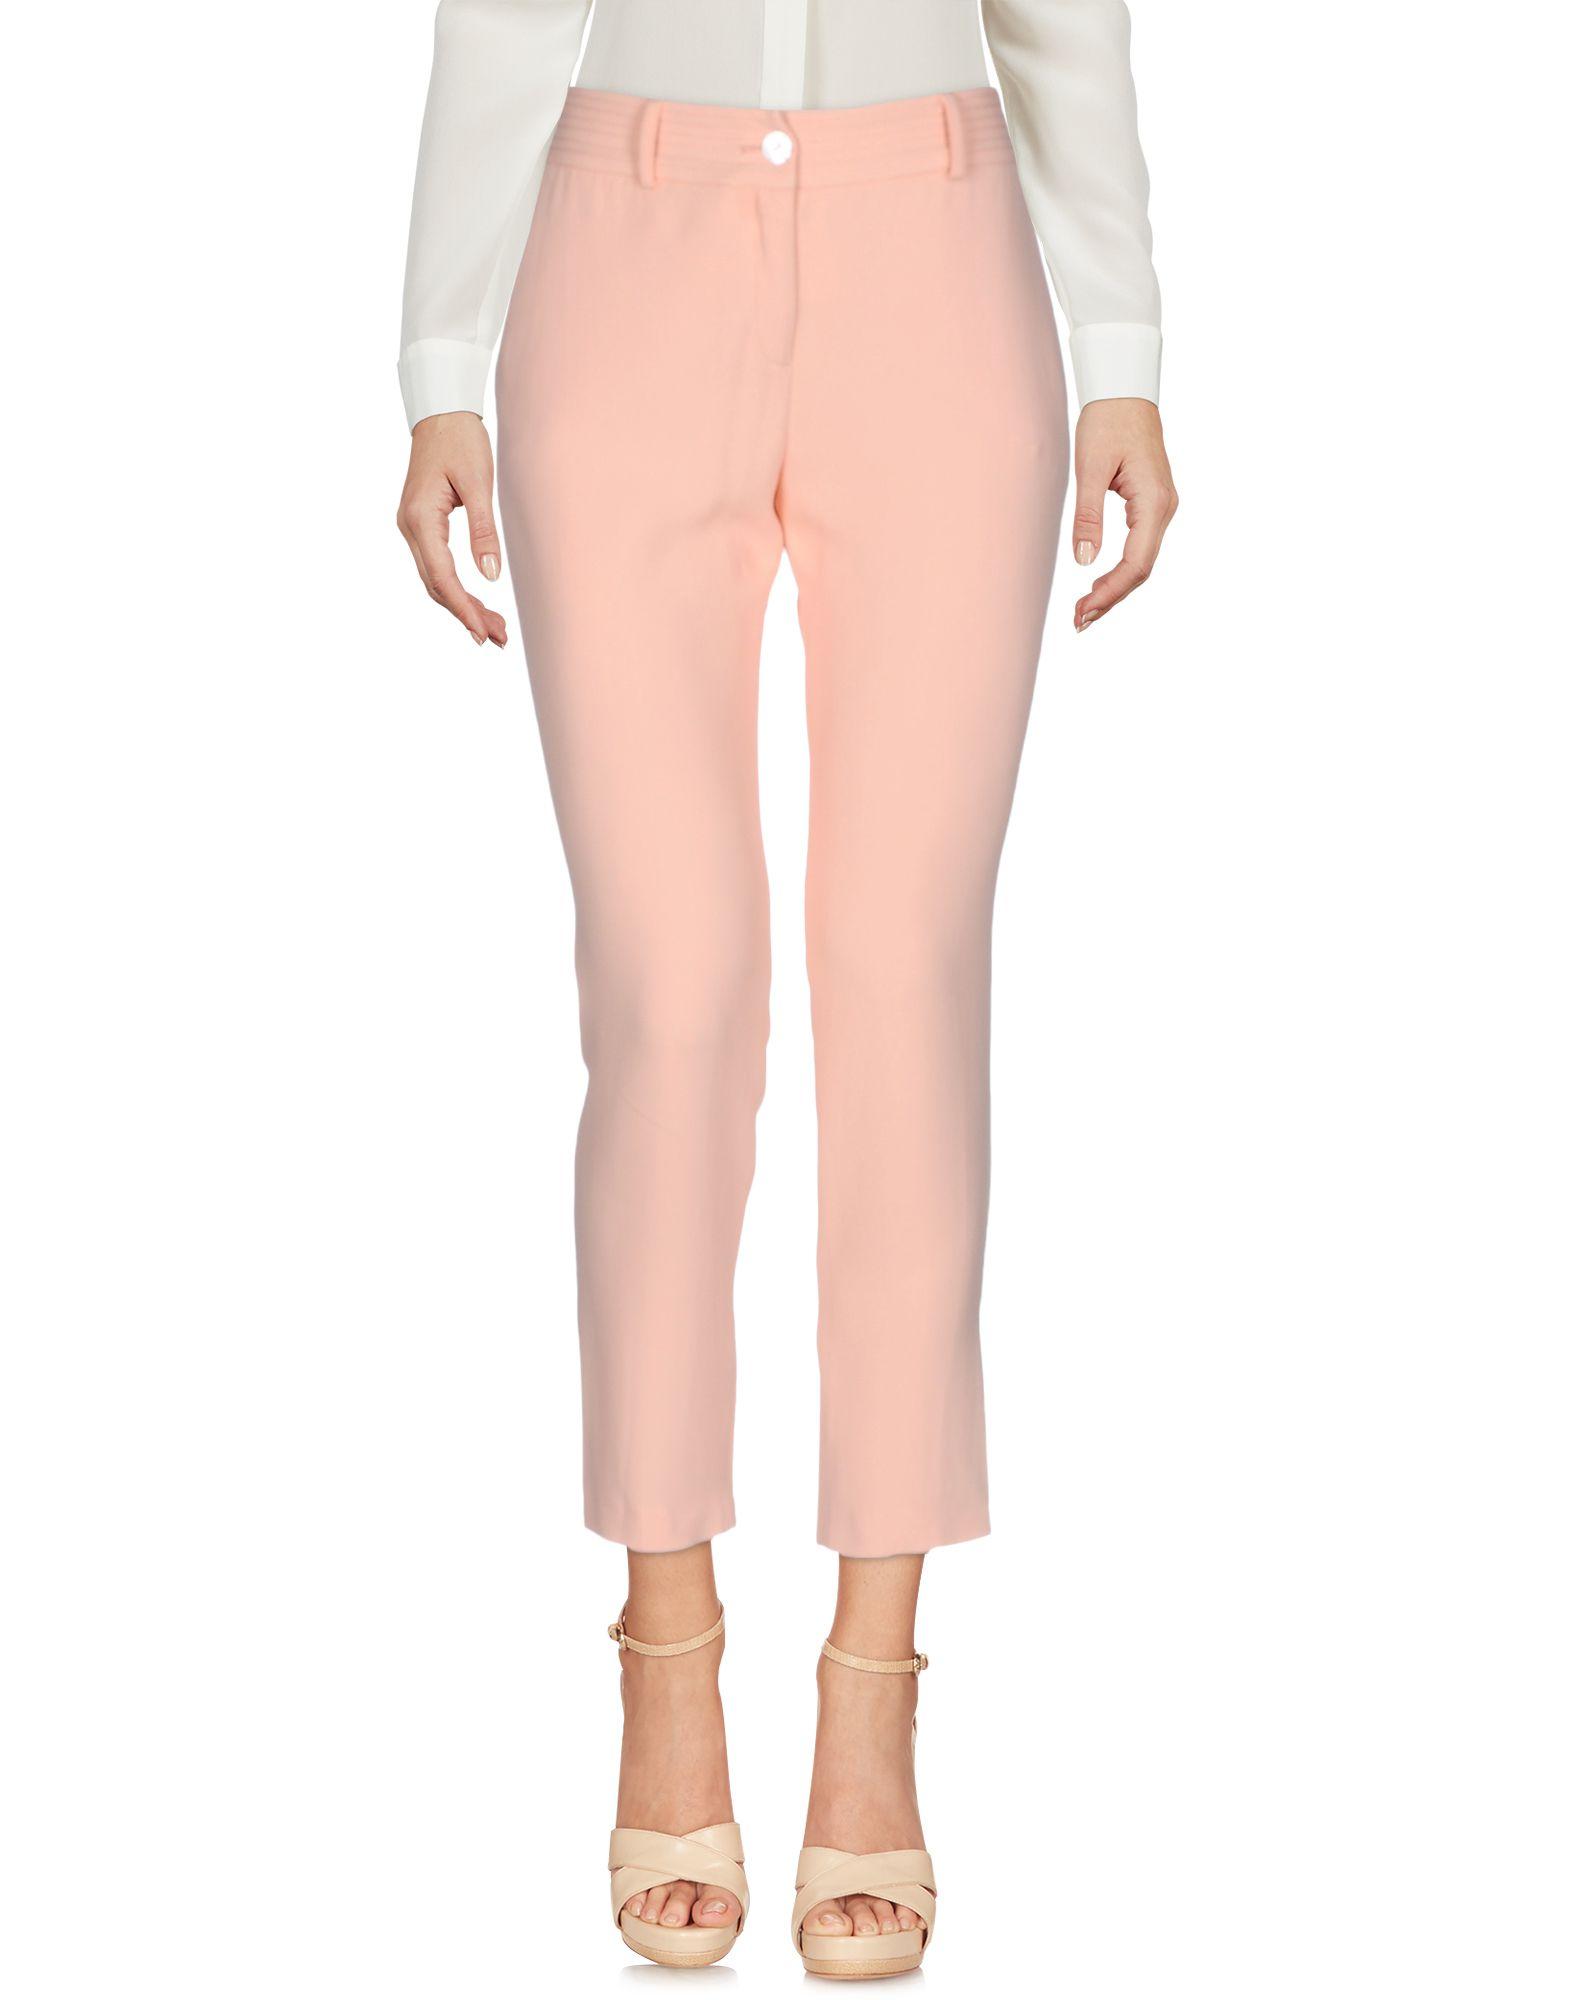 Pantalone Classico Blumarine Donna - Acquista online su 74L90iqgx